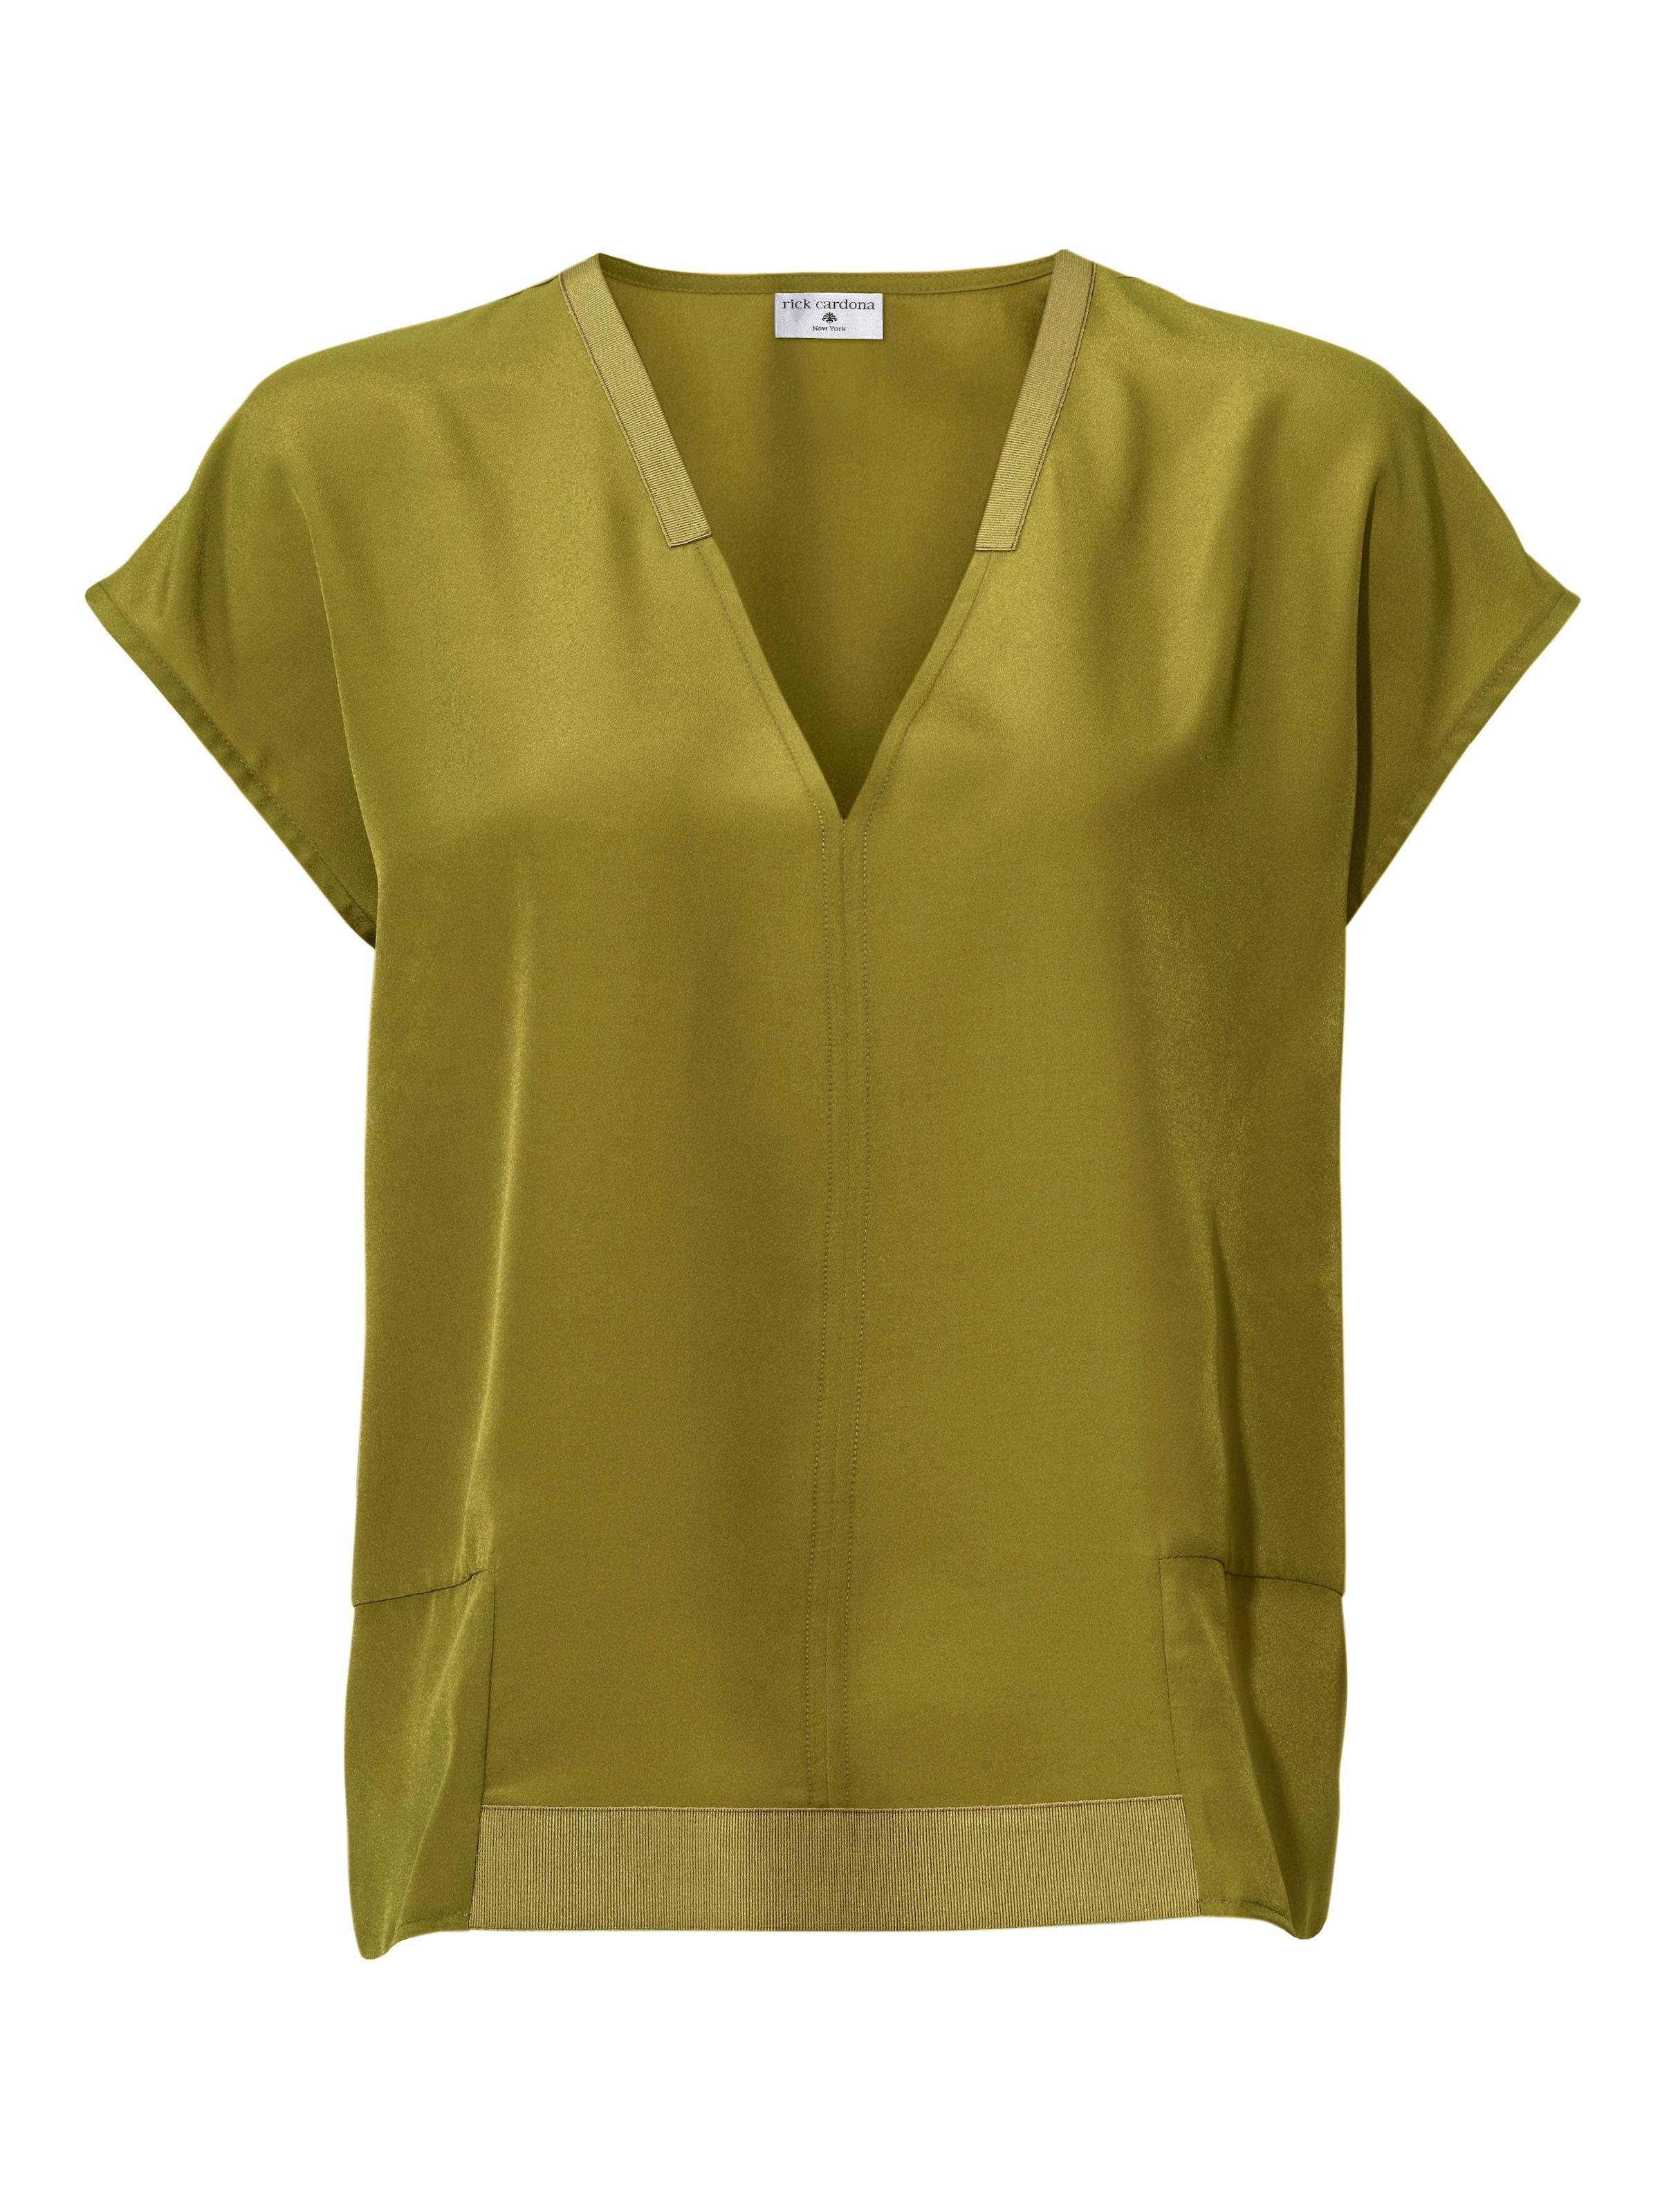 Mode-Stil Online-Verkauf Billig Verkauf Besuch Neu Rick Cardona by heine Oversized-Shirt Freiraum 100% Authentisch Günstig Kaufen Echt Alle Jahreszeiten Verfügbar kgWot